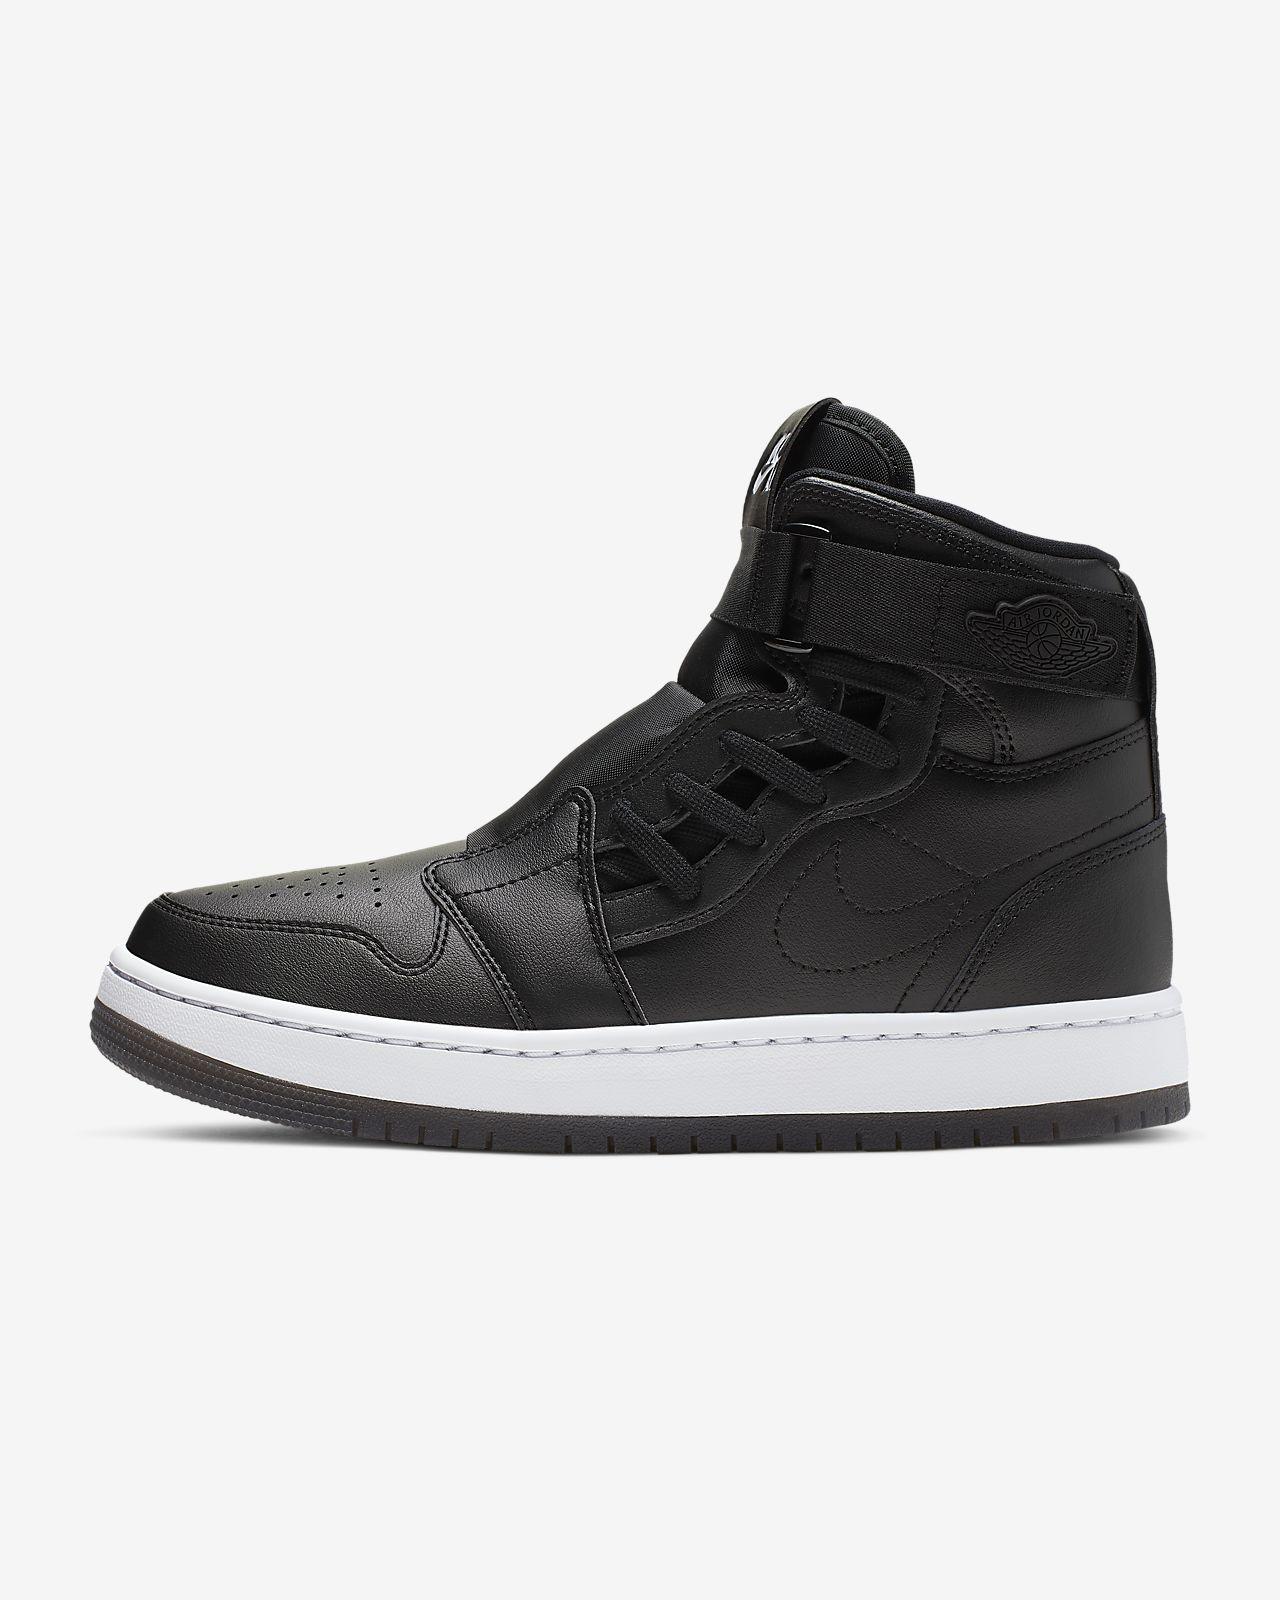 Air Jordan 1 Nova XX Kadın Ayakkabısı